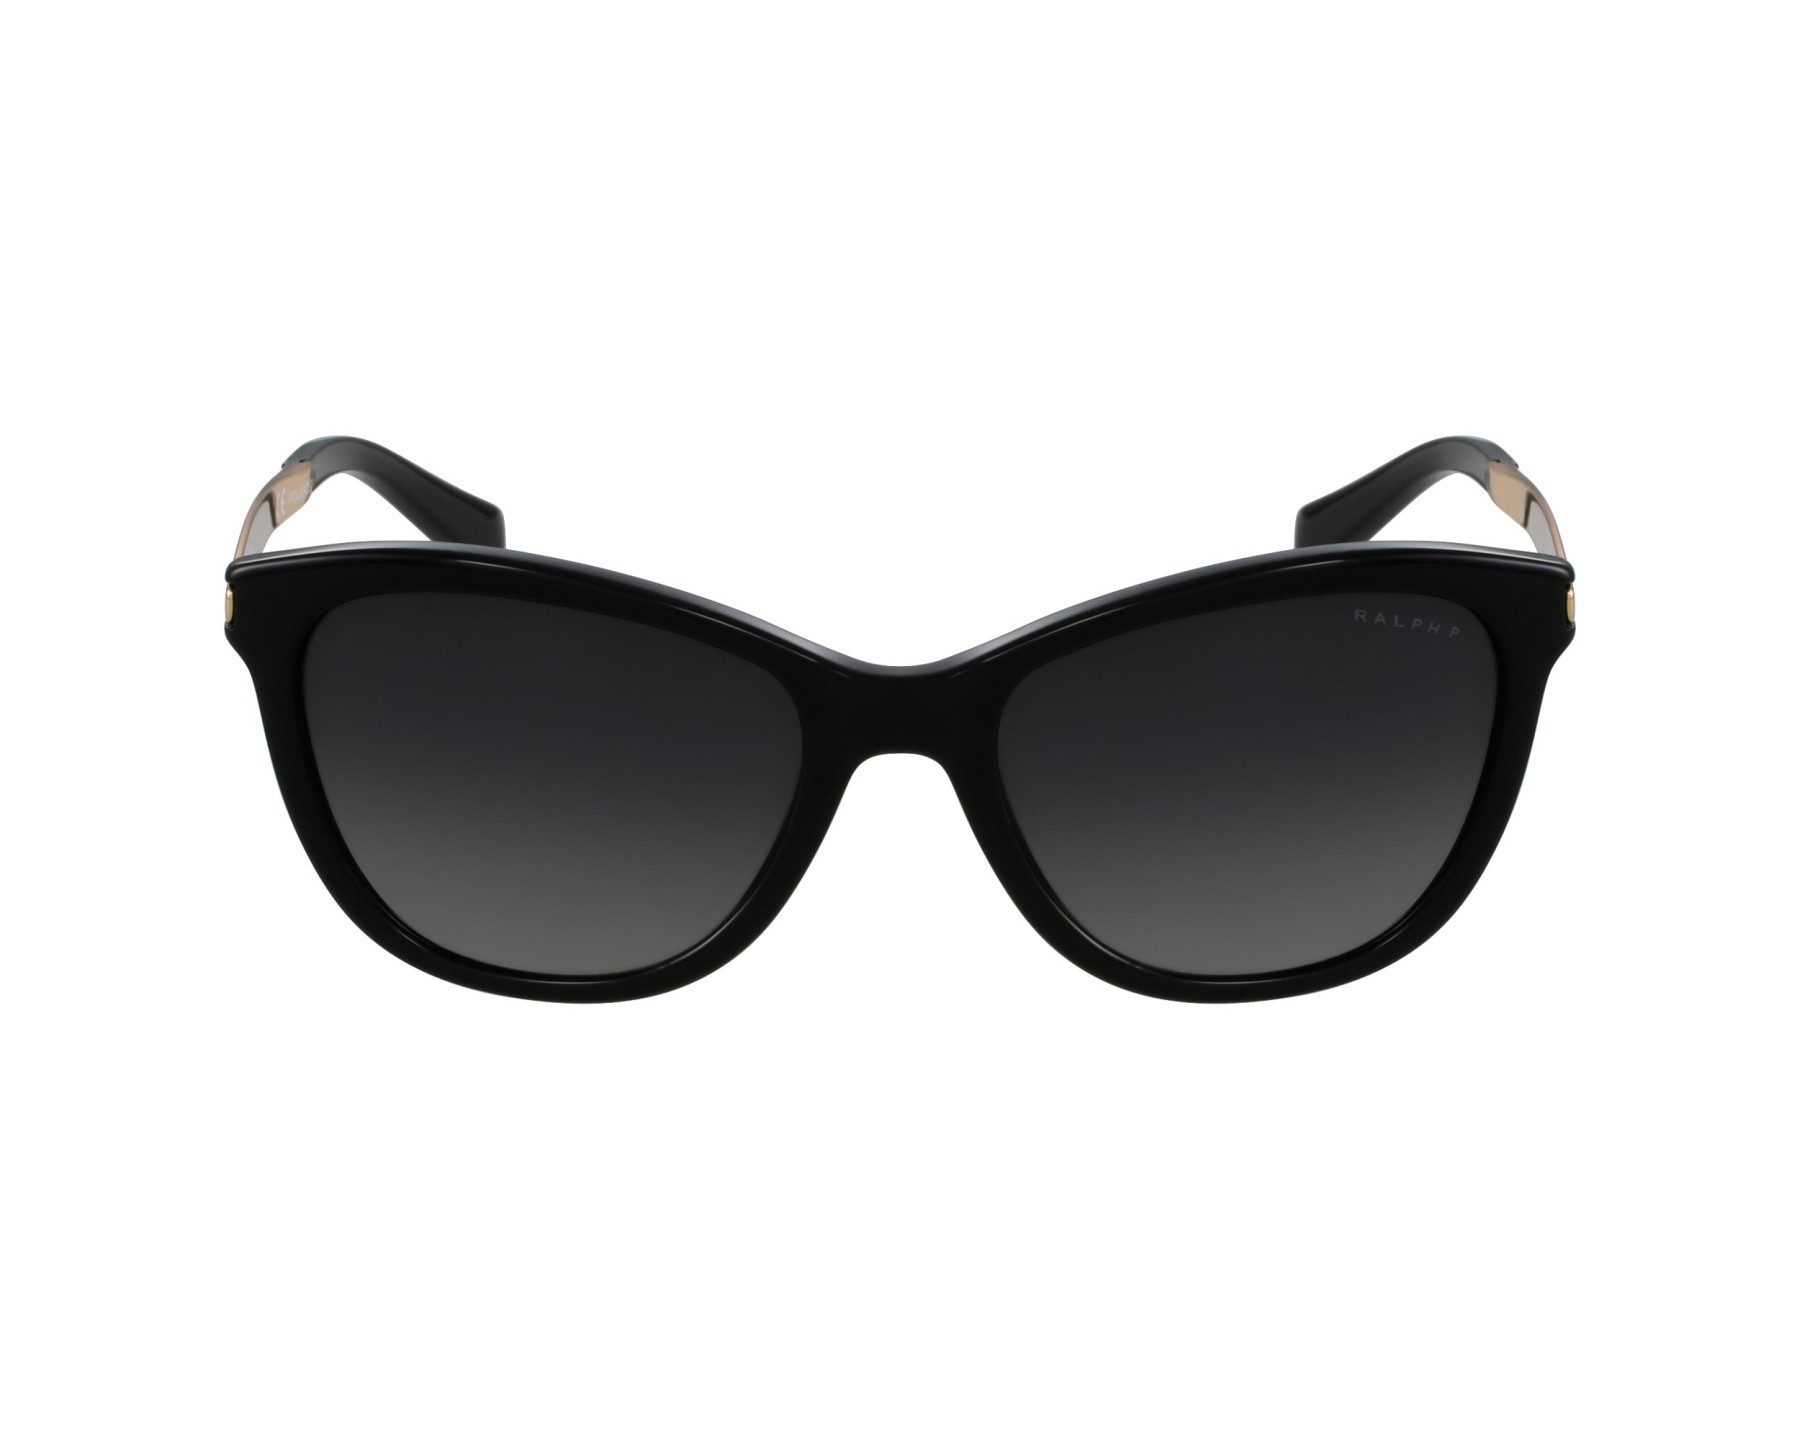 19f29358fa Sunglasses Ralph Lauren RA-5201 1265 T3 54-17 Black Gold profile view